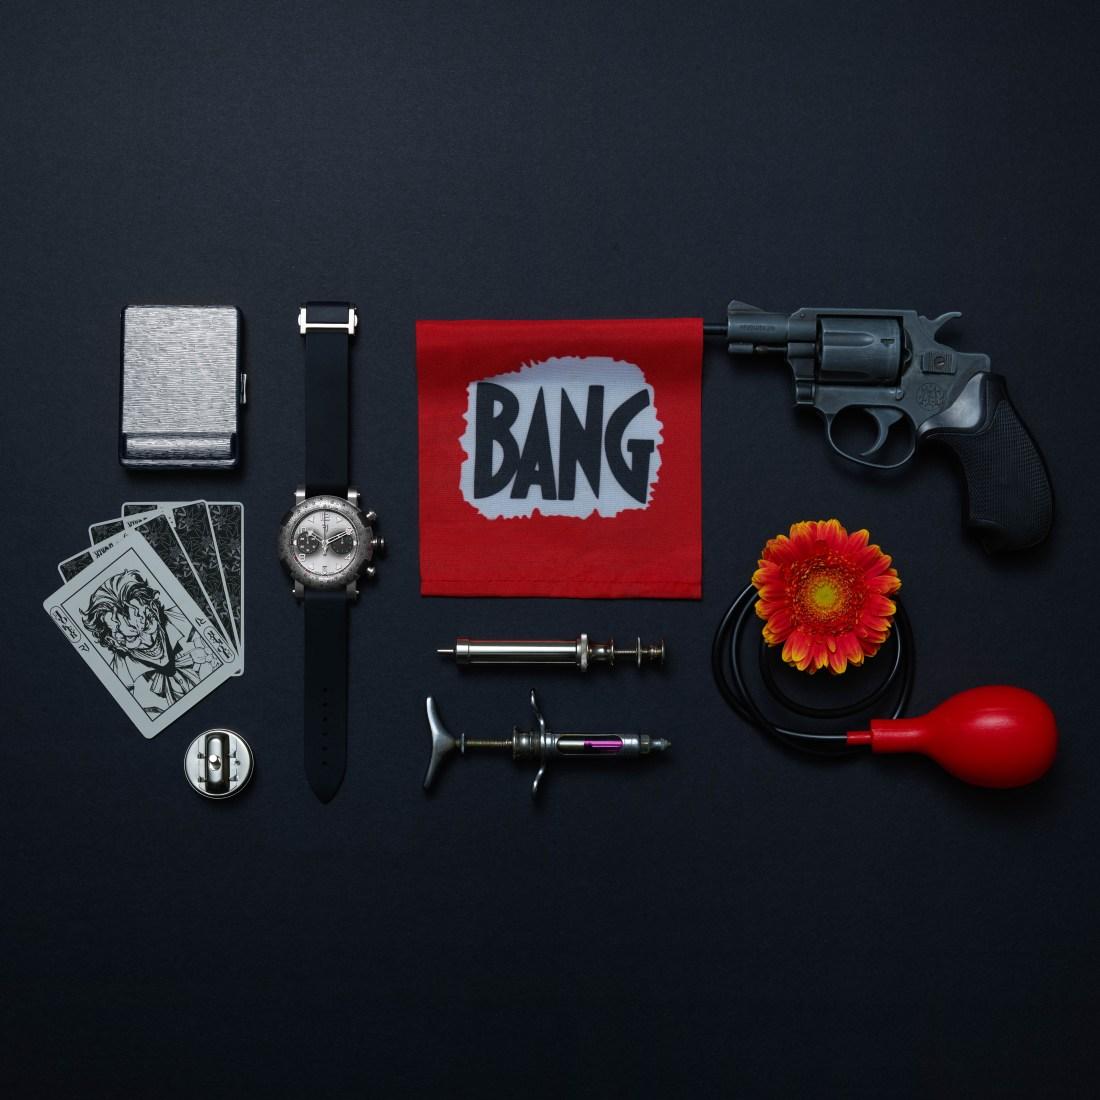 Reloj, cajetilla, cartas, pistola, jeringas y flor sobre una mesa negra